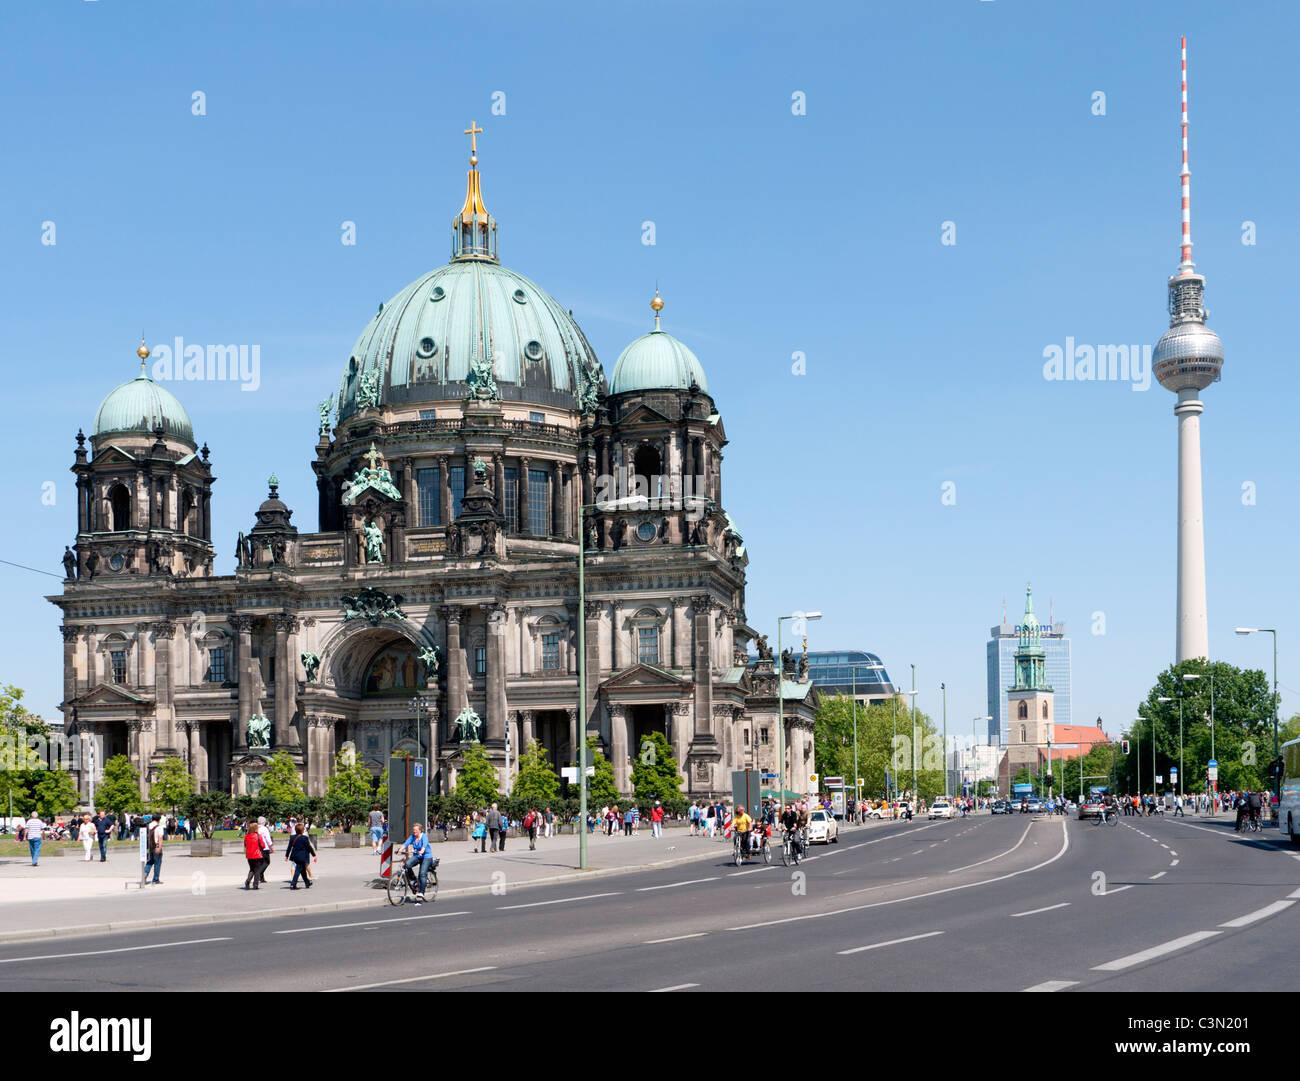 La Catedral o Dom con la Fernsehturm a la parte trasera de la Isla de los museos en Berlín Mitte Imagen De Stock